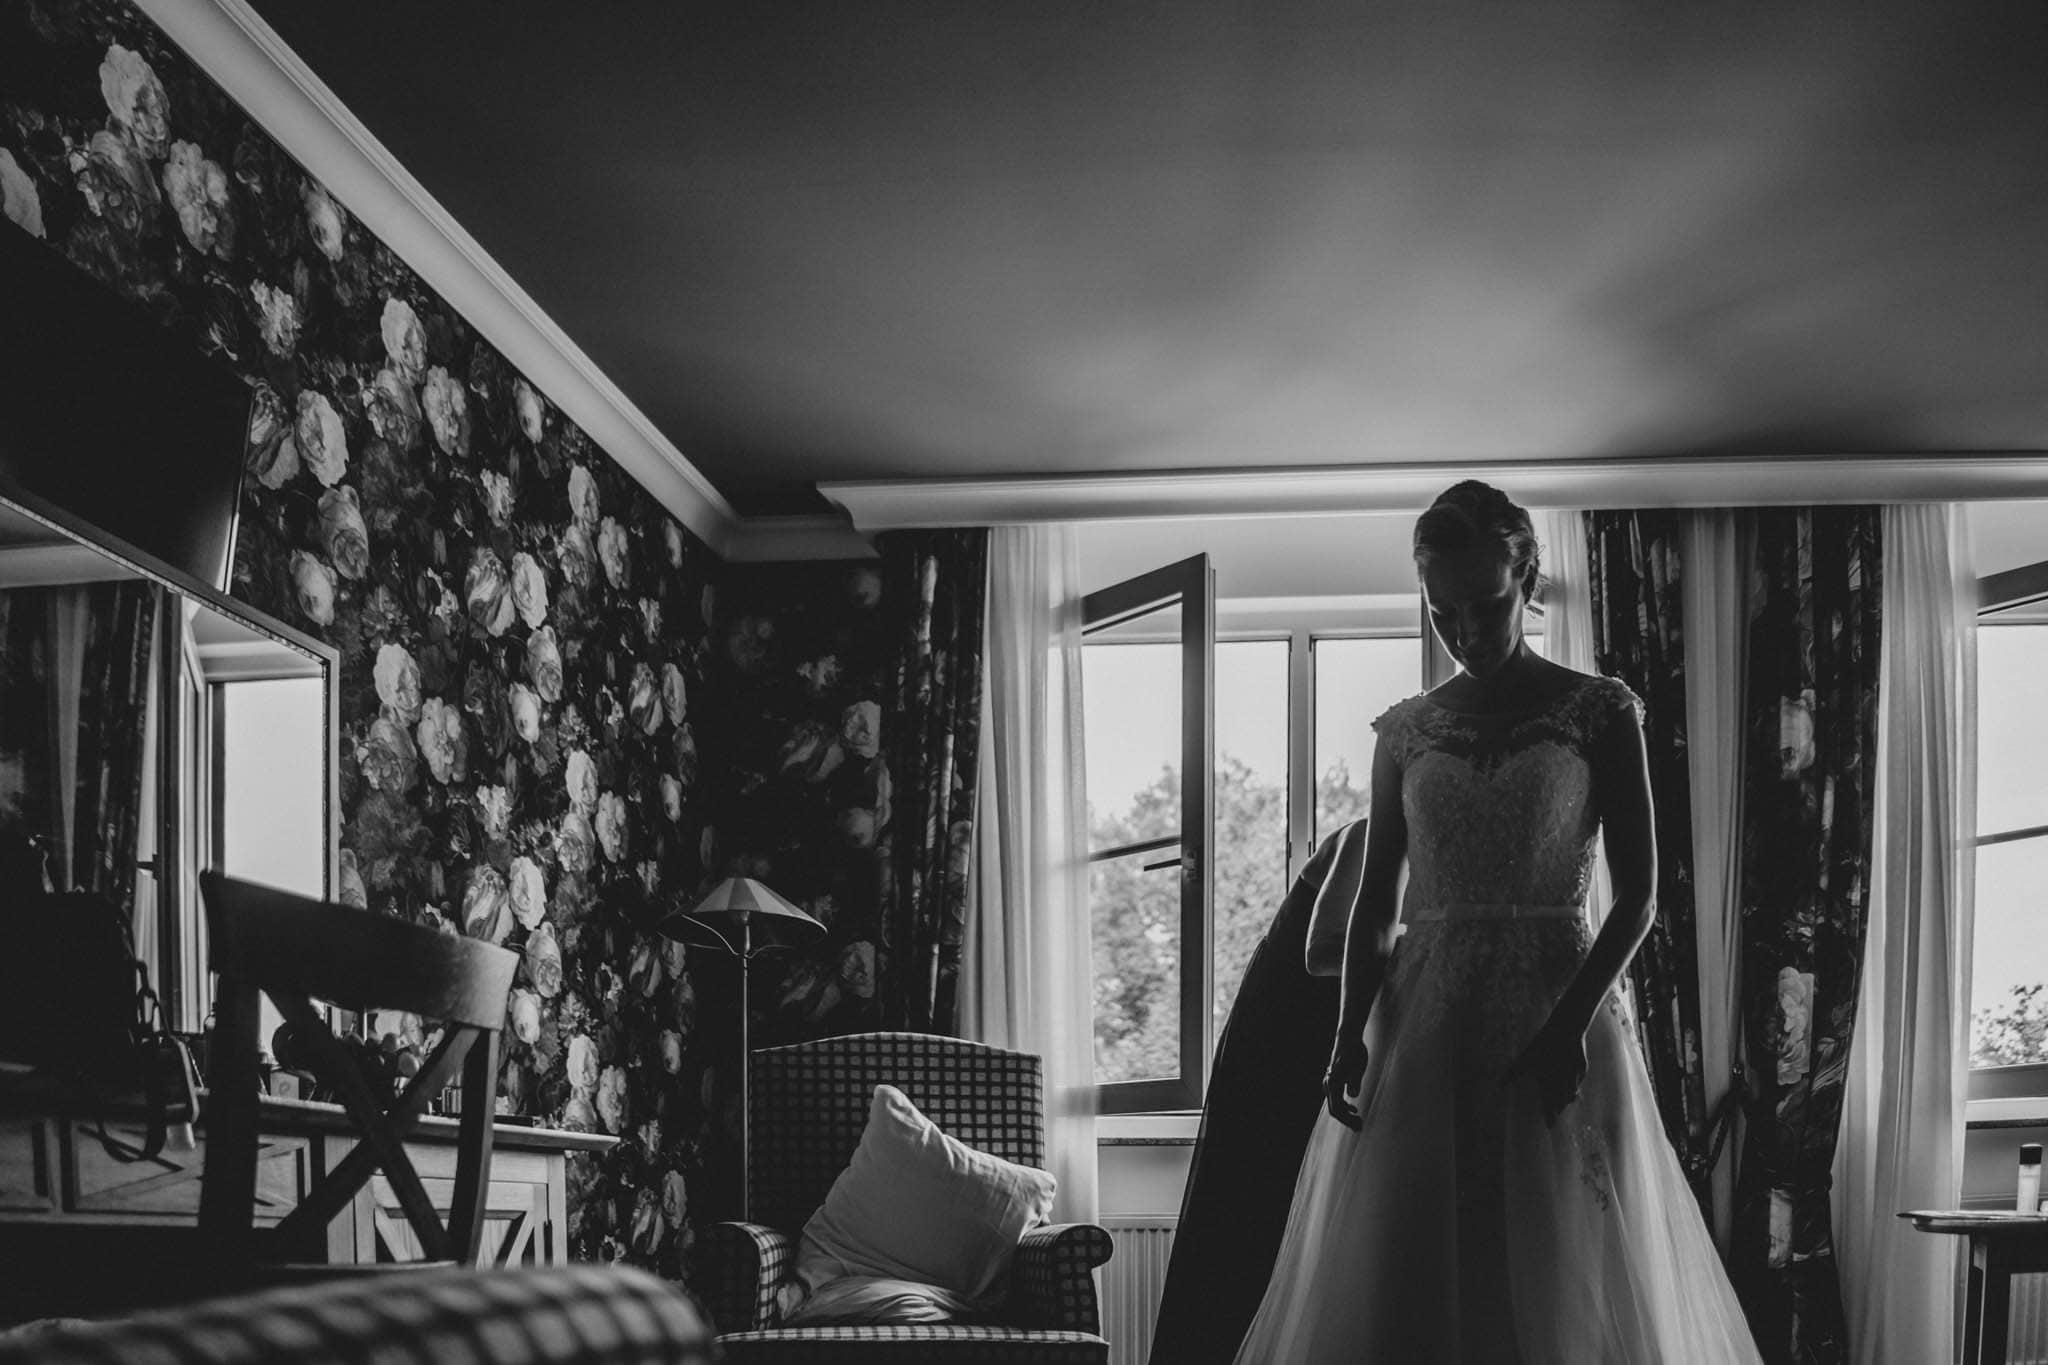 Hochzeitsfieber by Photo-Schomburg, Hochzeitsfotograf, Hamburg,Hochzeitstag, Hochzeitspaar, Braut, Bräutigam, Kaltenkirchen-36